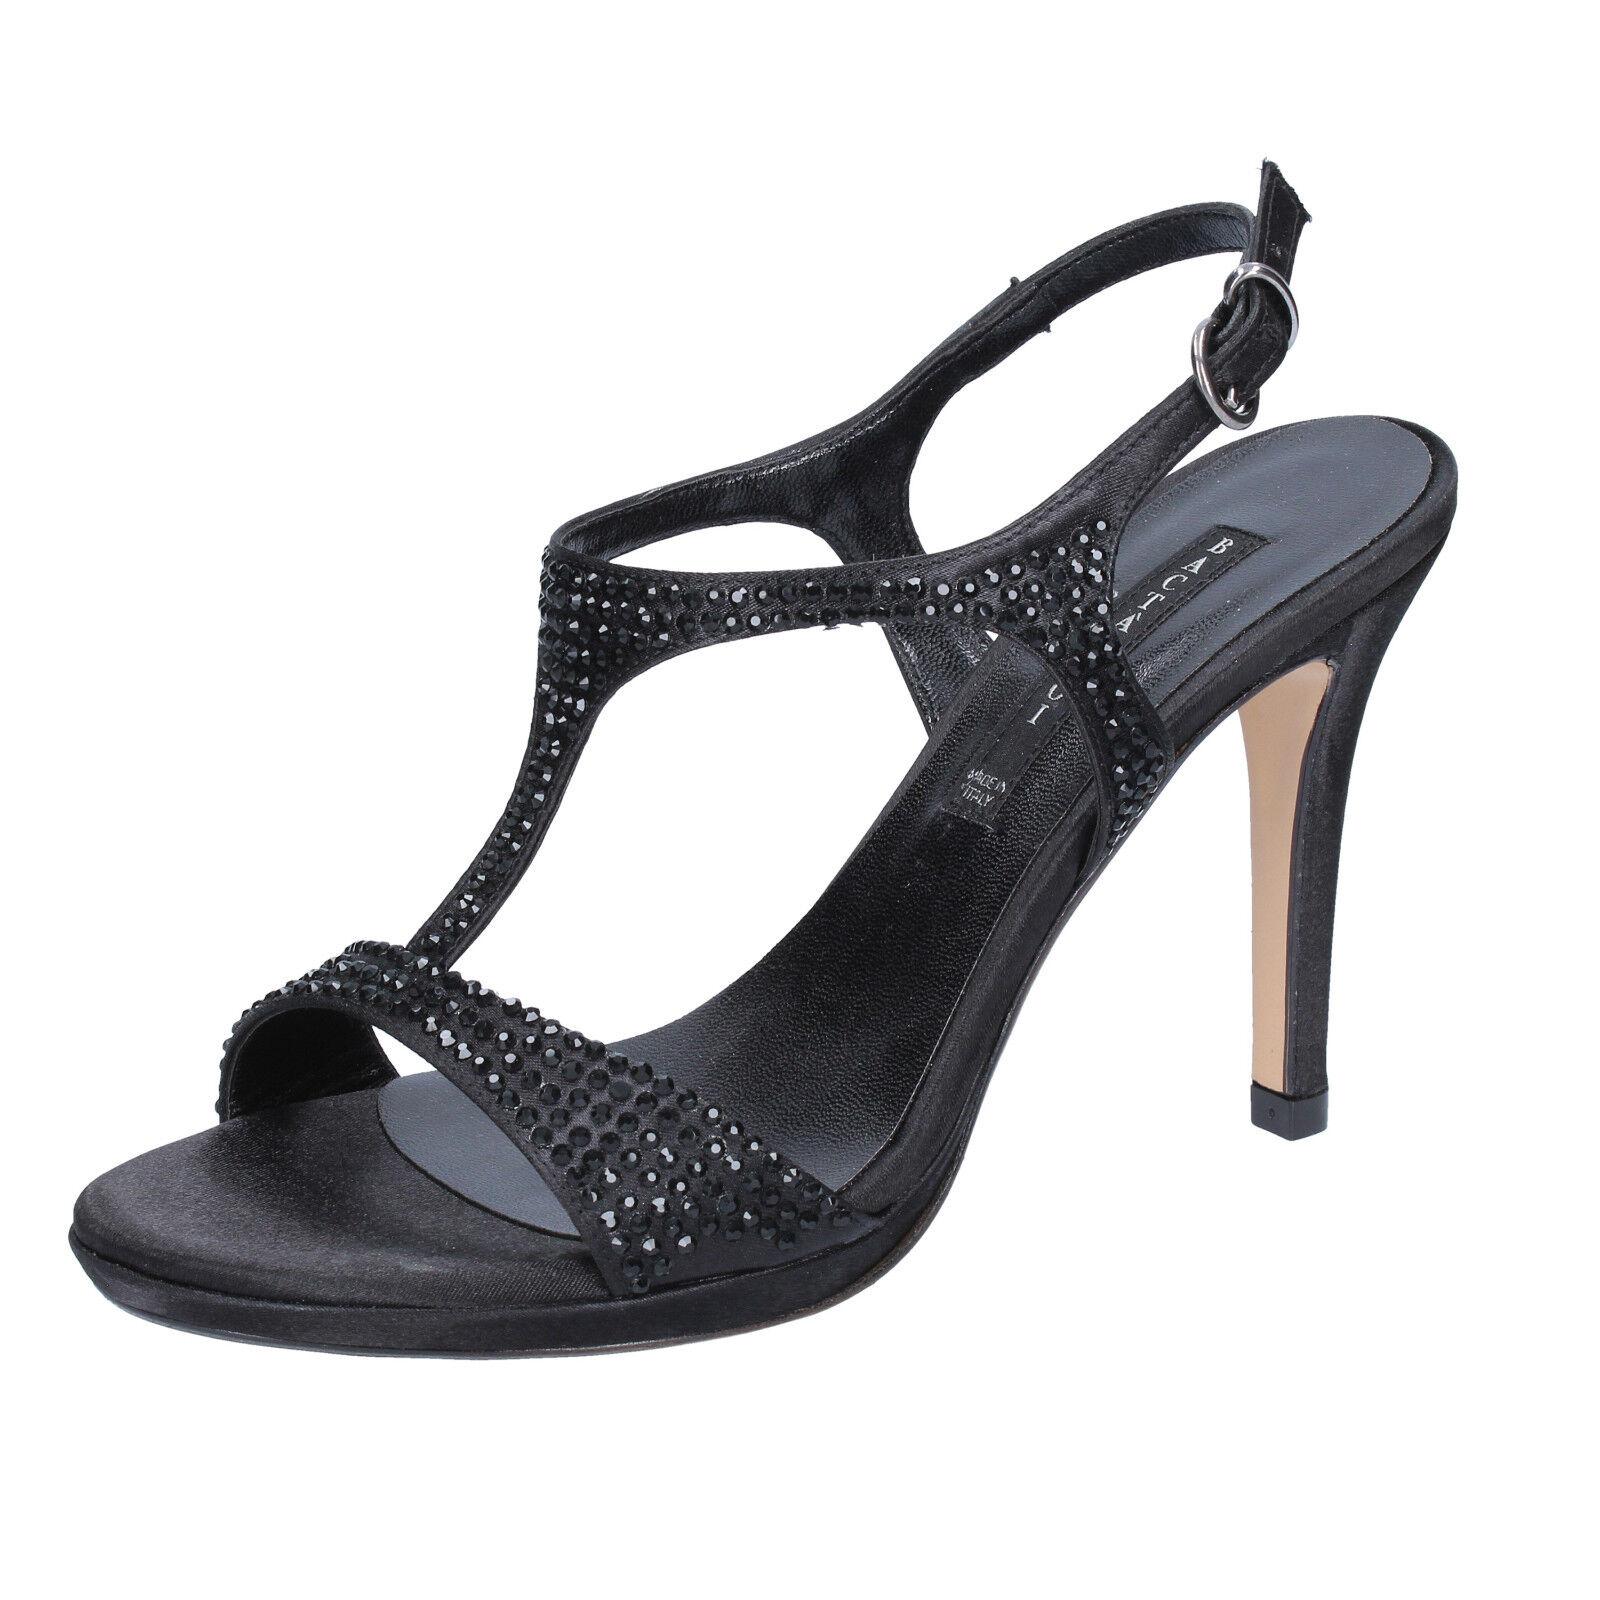 donna BACTA DE TOI 37 EU sandali nero strass raso BY93-C